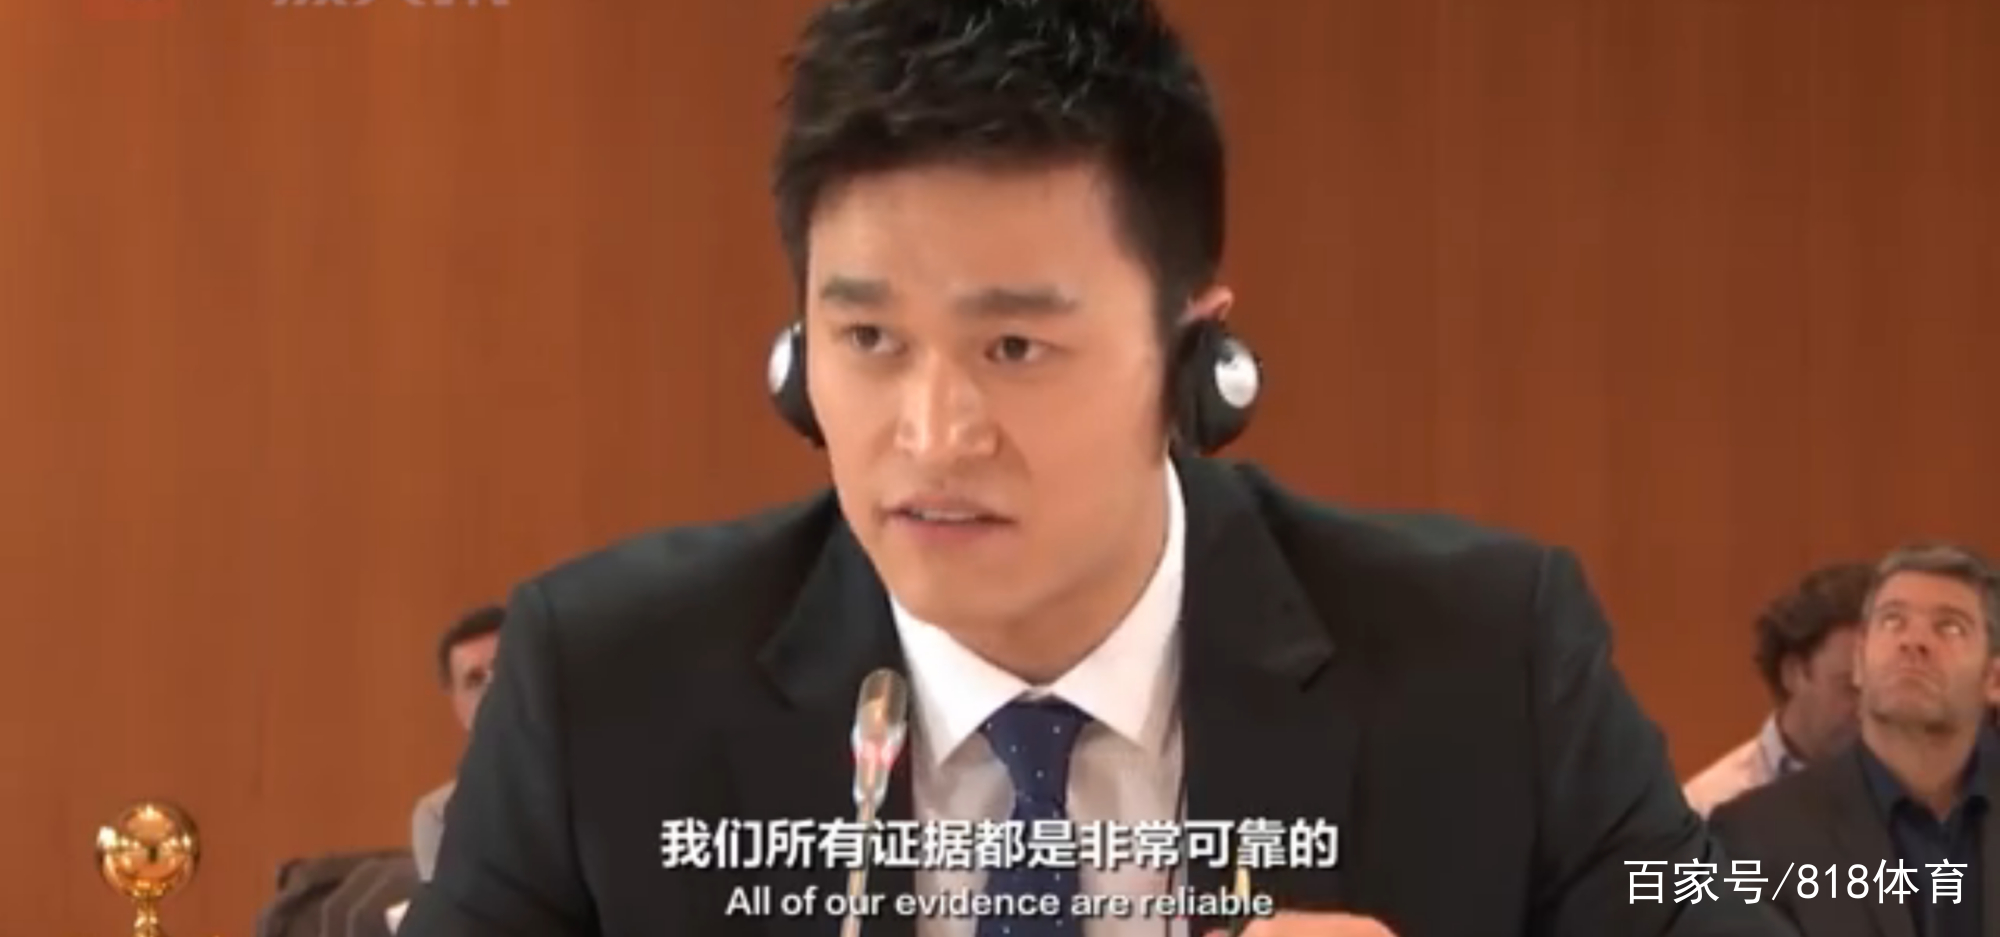 打脸!孙杨庭审3次更改证词,说血检官拿血样瓶,队医却承认自己拿的